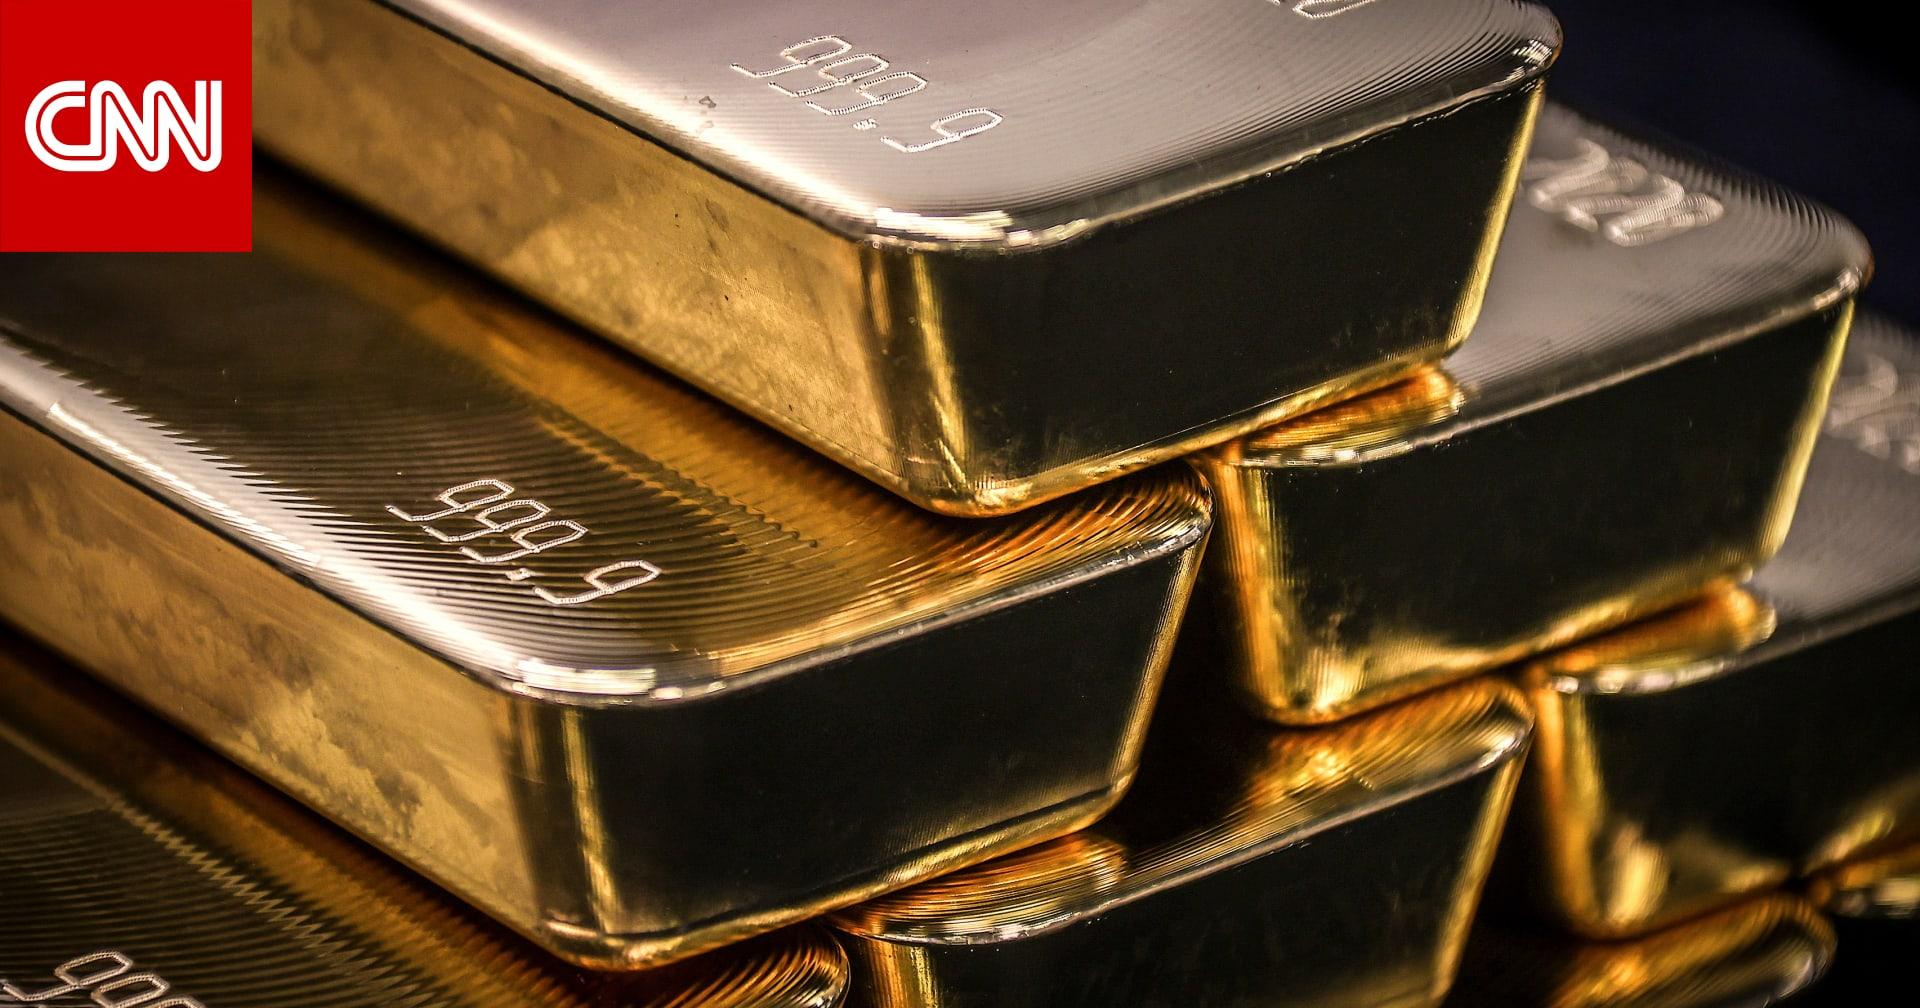 السعودية تتوقع تشغيل مشروع منصورة ومسرة للذهب بالكامل في منتصف العام 2022